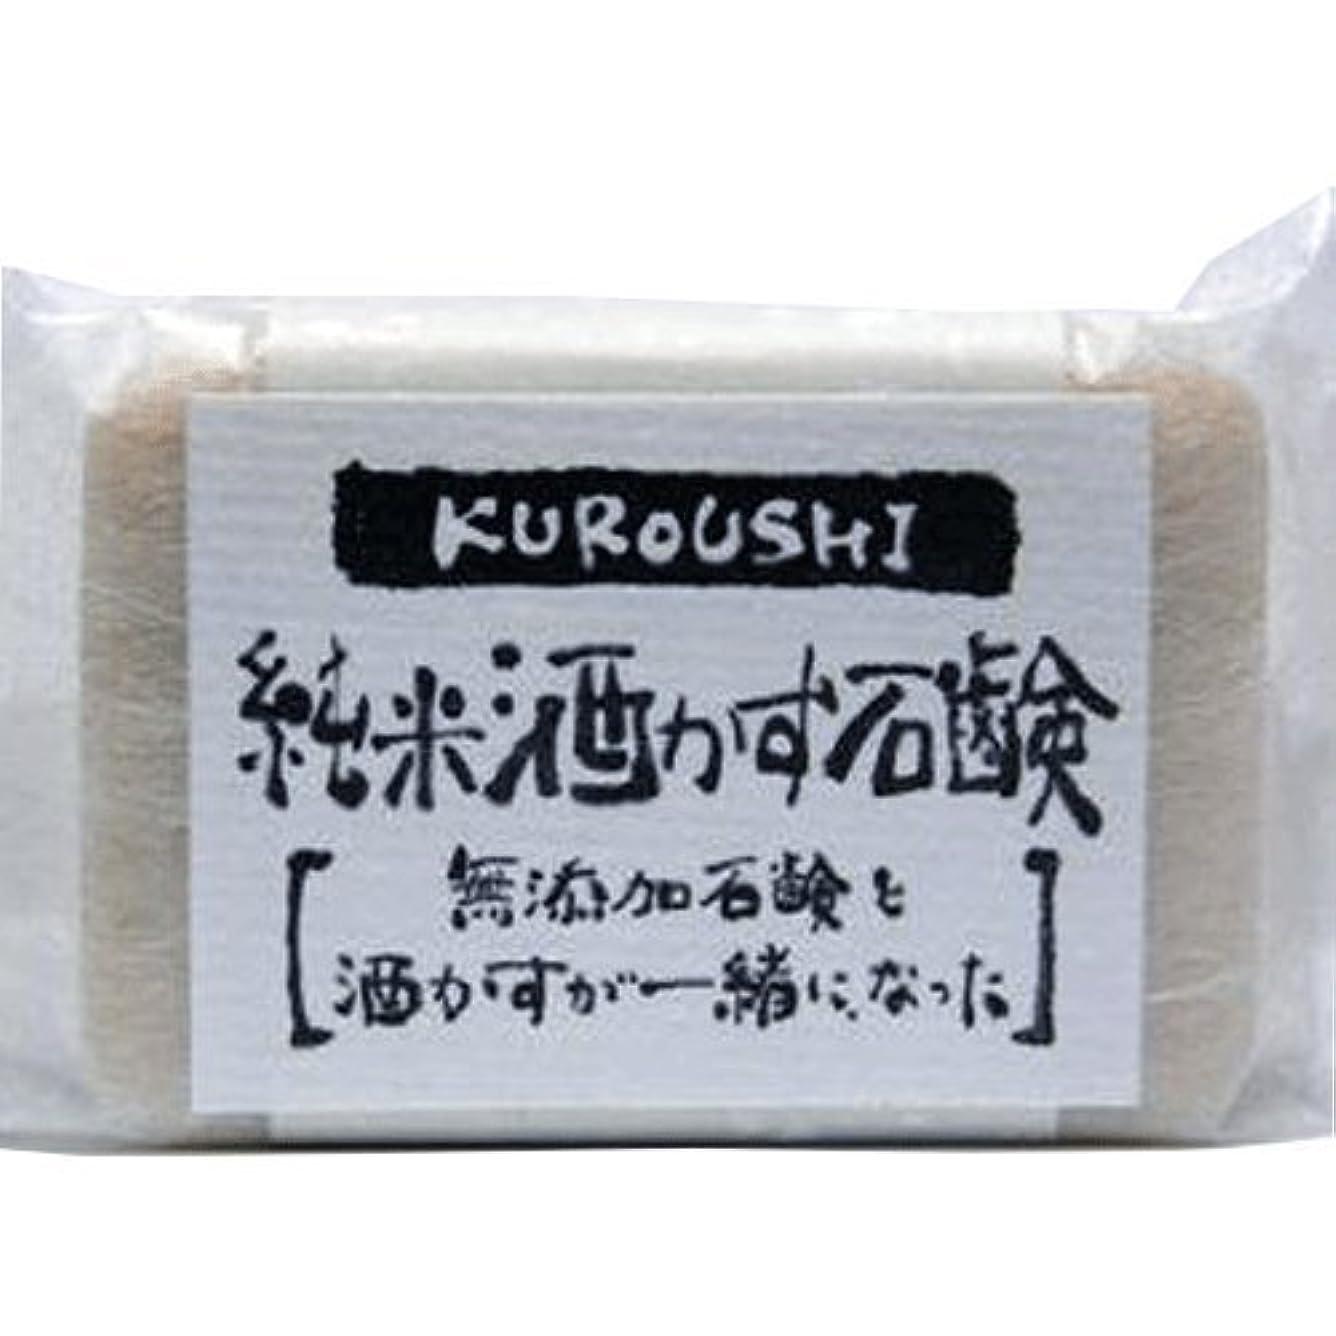 集団的学習半径KUROUSHI 純米酒かす 無添加石鹸(せっけん) 120g 6個セット